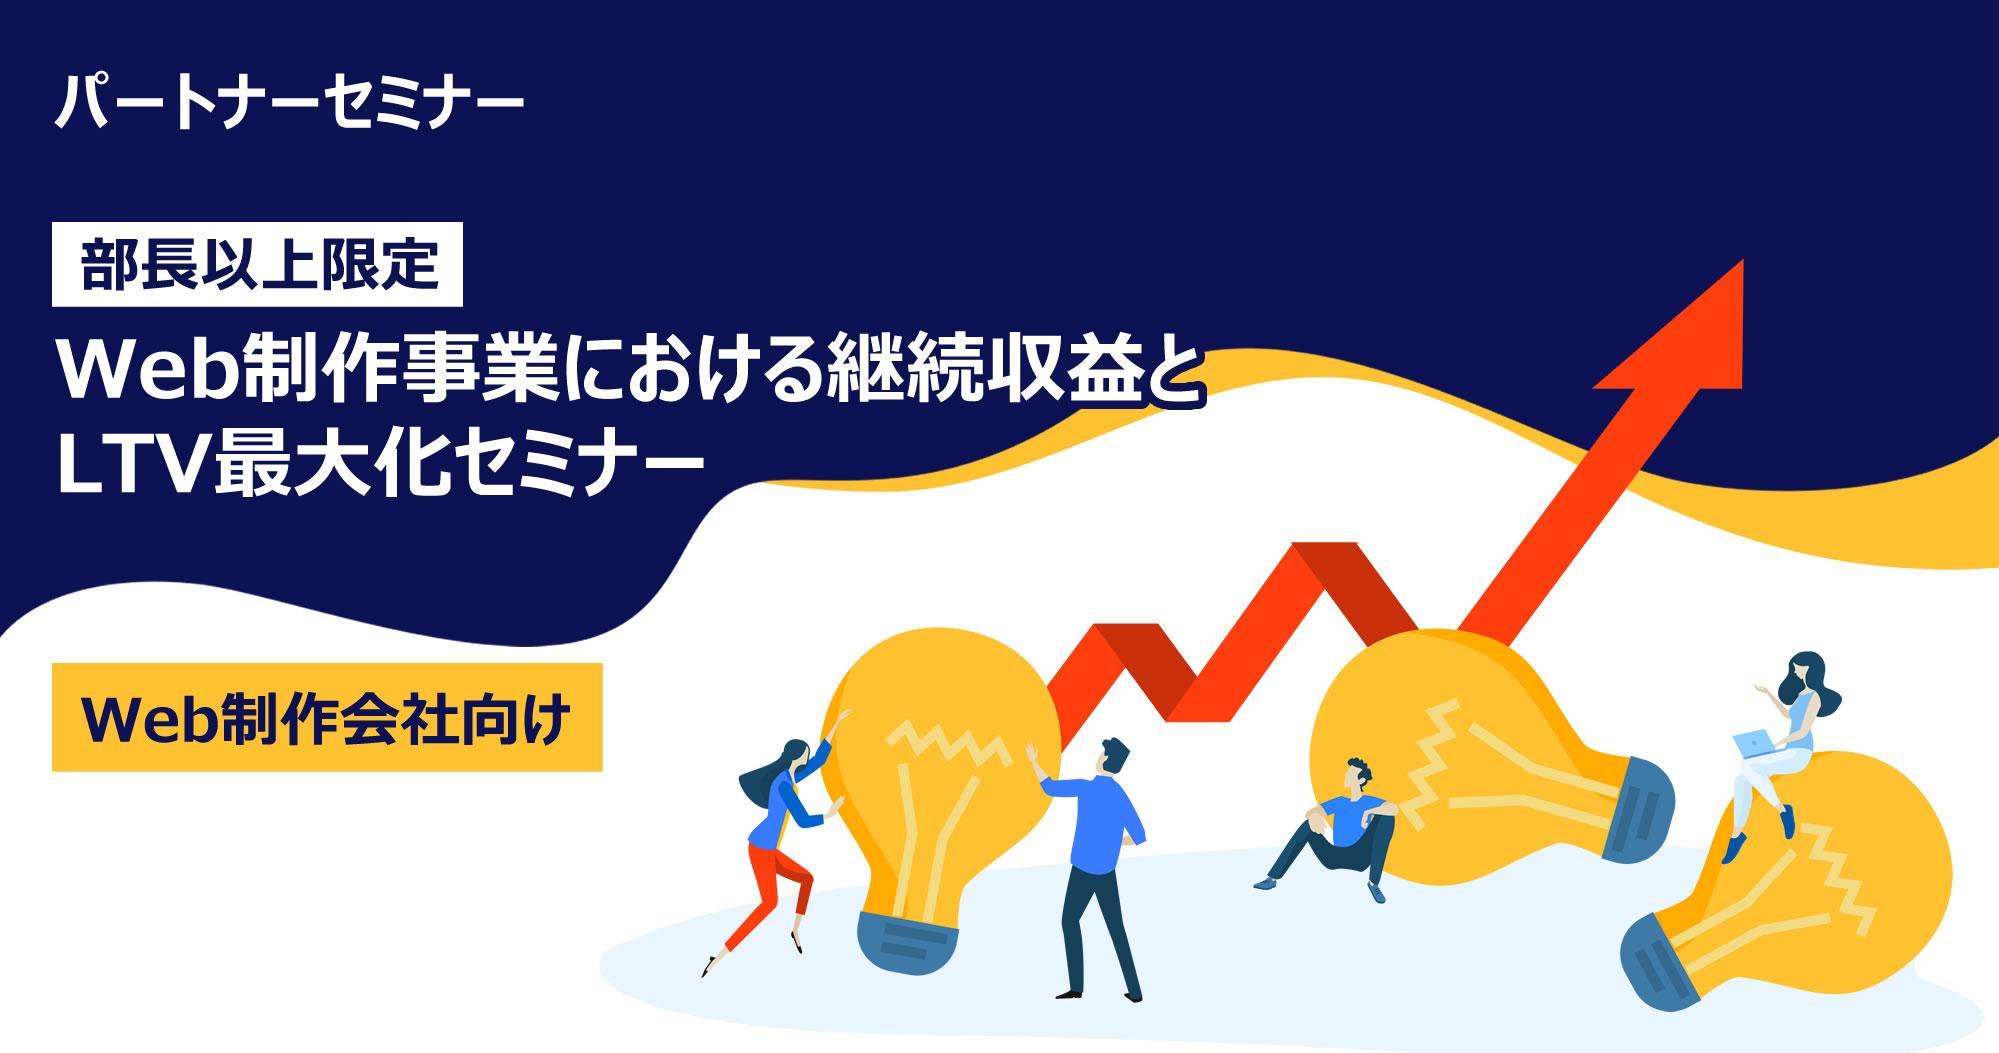 【10月15日(火)】[制作会社向け]Web制作事業における継続収益とLTV最大化セミナー(※部長以上限定)